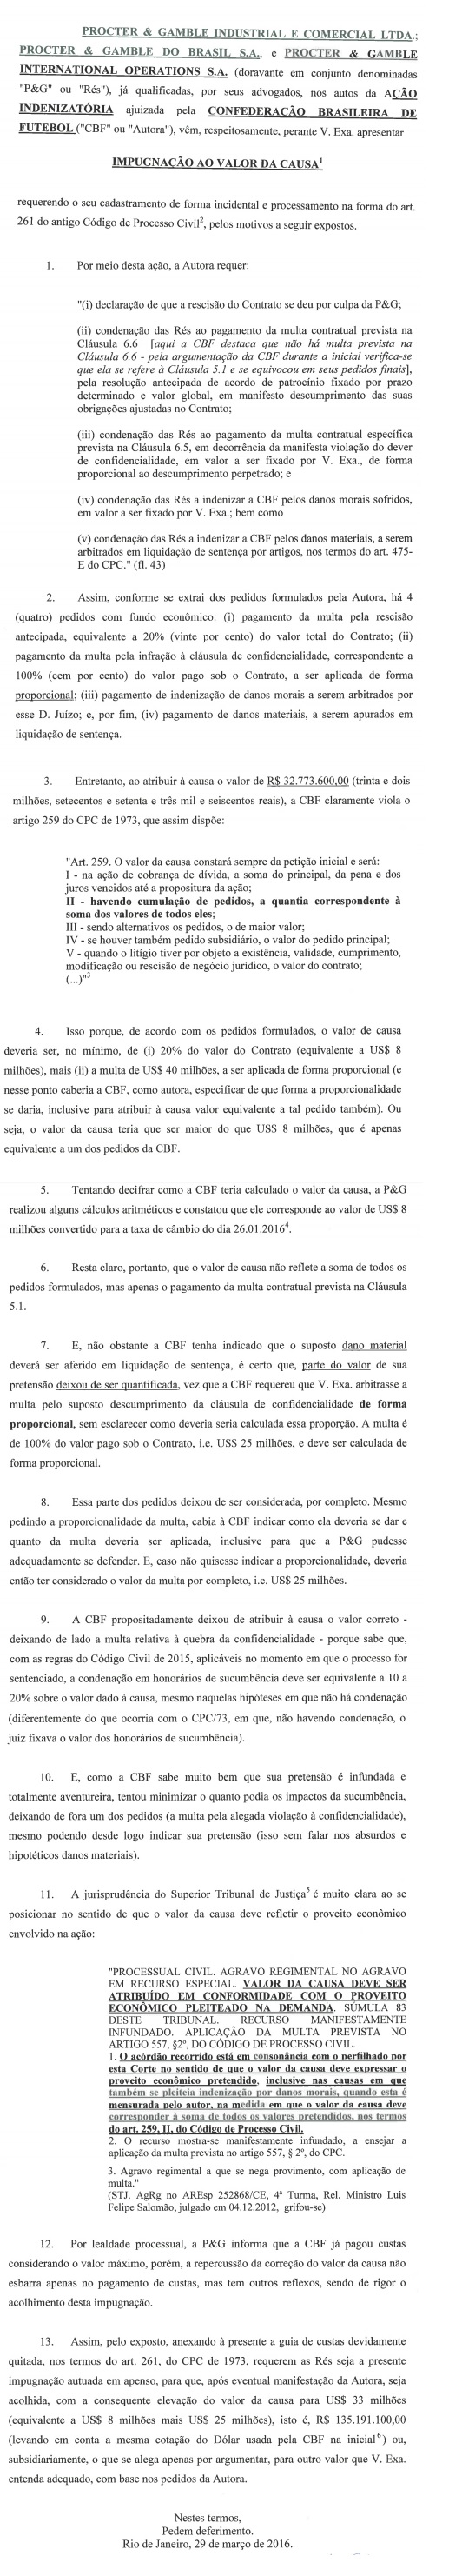 Petição em que P&G calcula o valor da causa como sendo superior a R$ 135 milhões